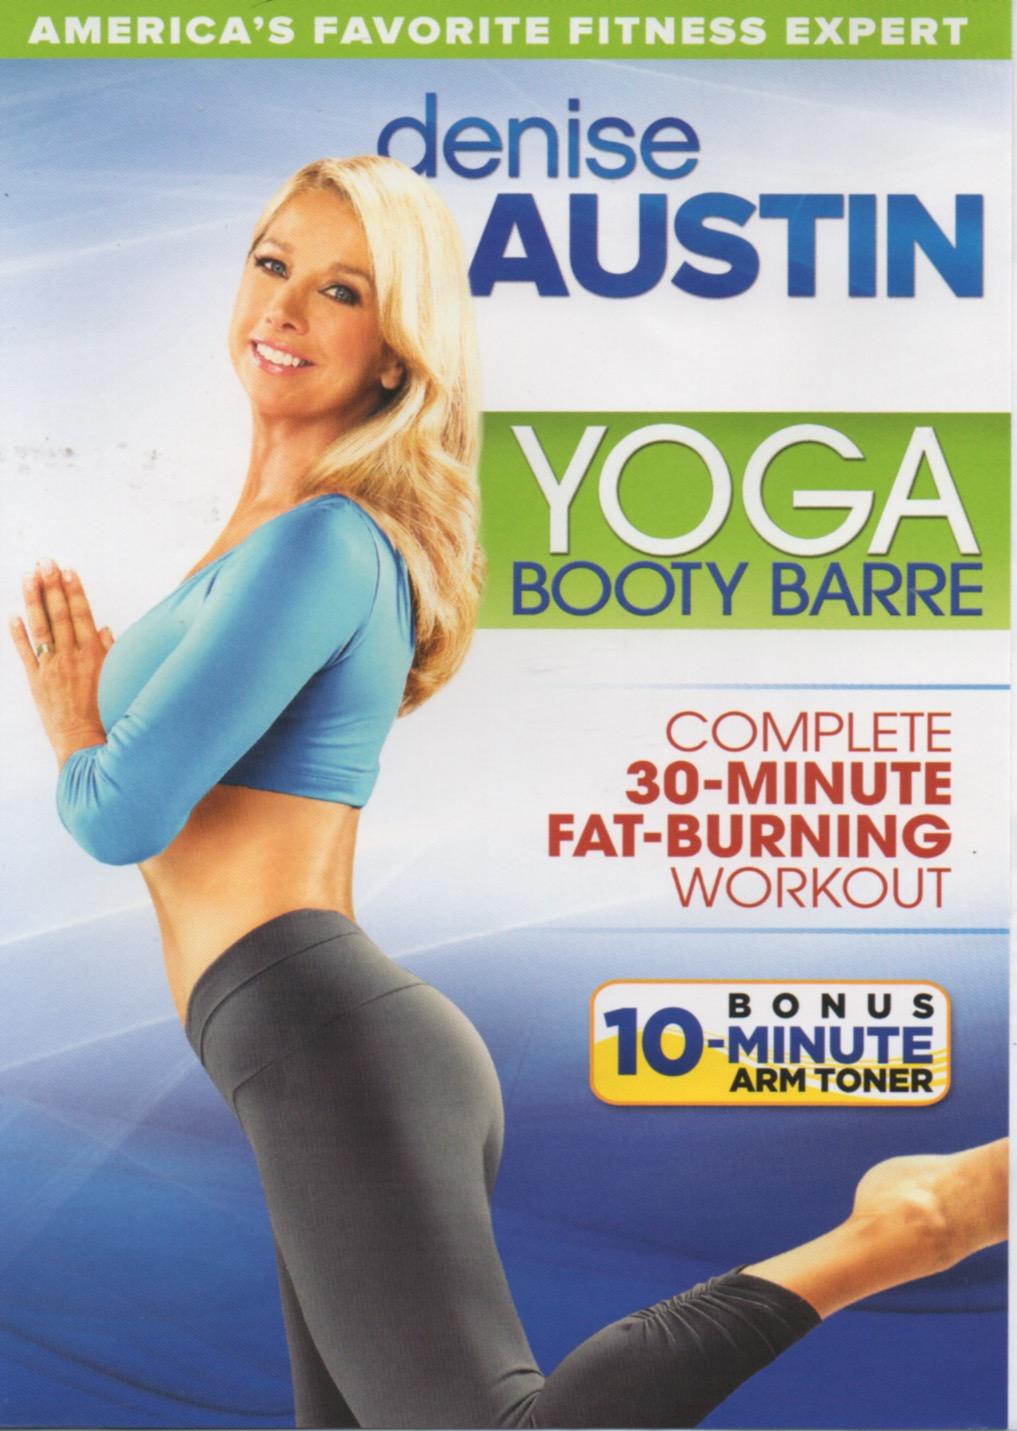 Denise Austin Yoga Booty Barre Thrift Store Fitness